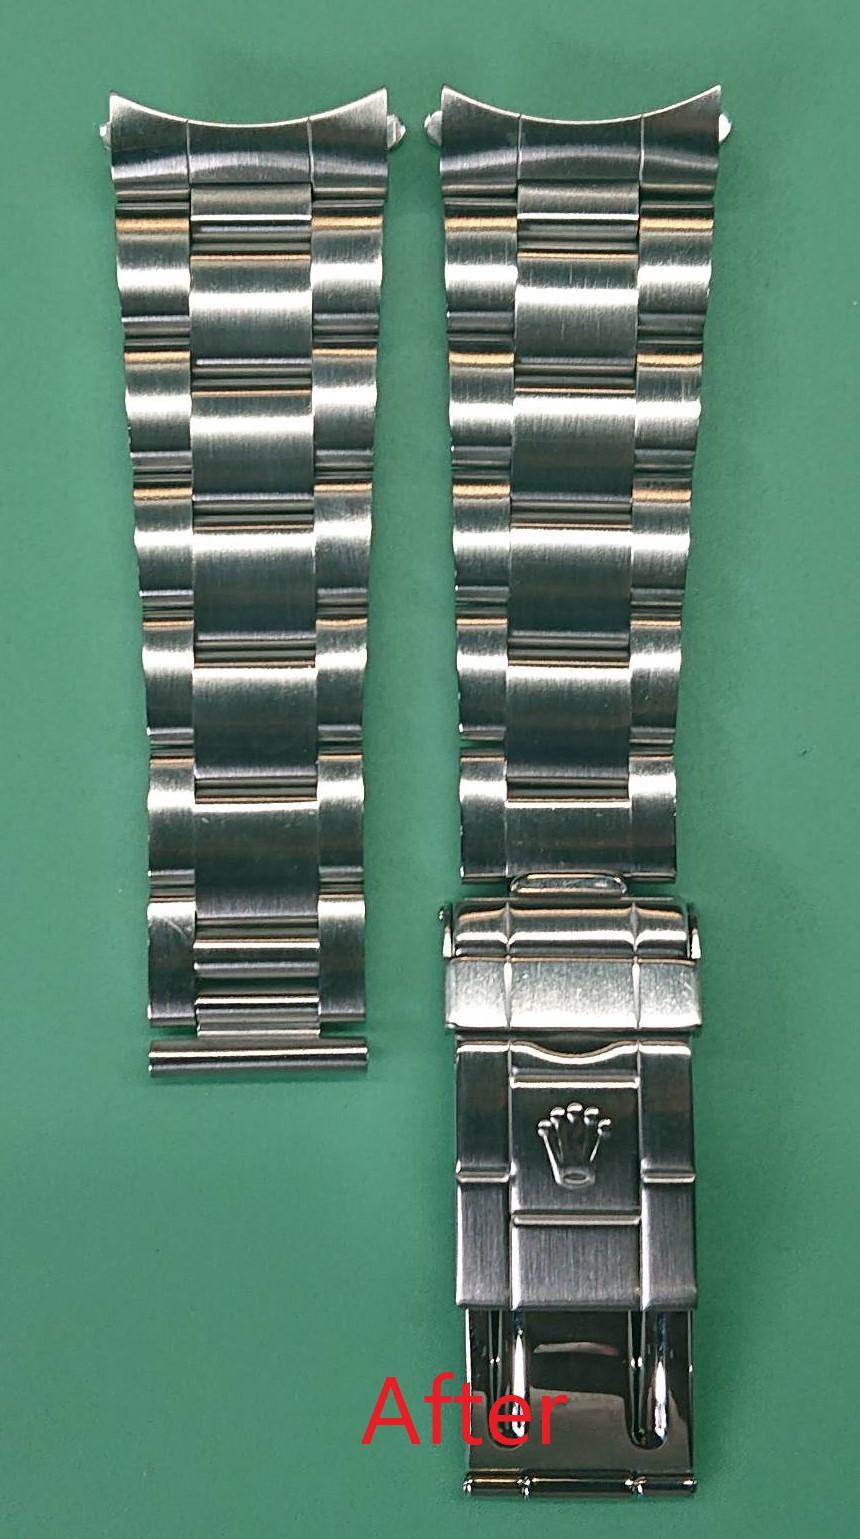 ロレックス オーバーホール(分解掃除)、ポリッシュ(外装磨き)は新潟市ブローチ時計修理工房におまかせください!